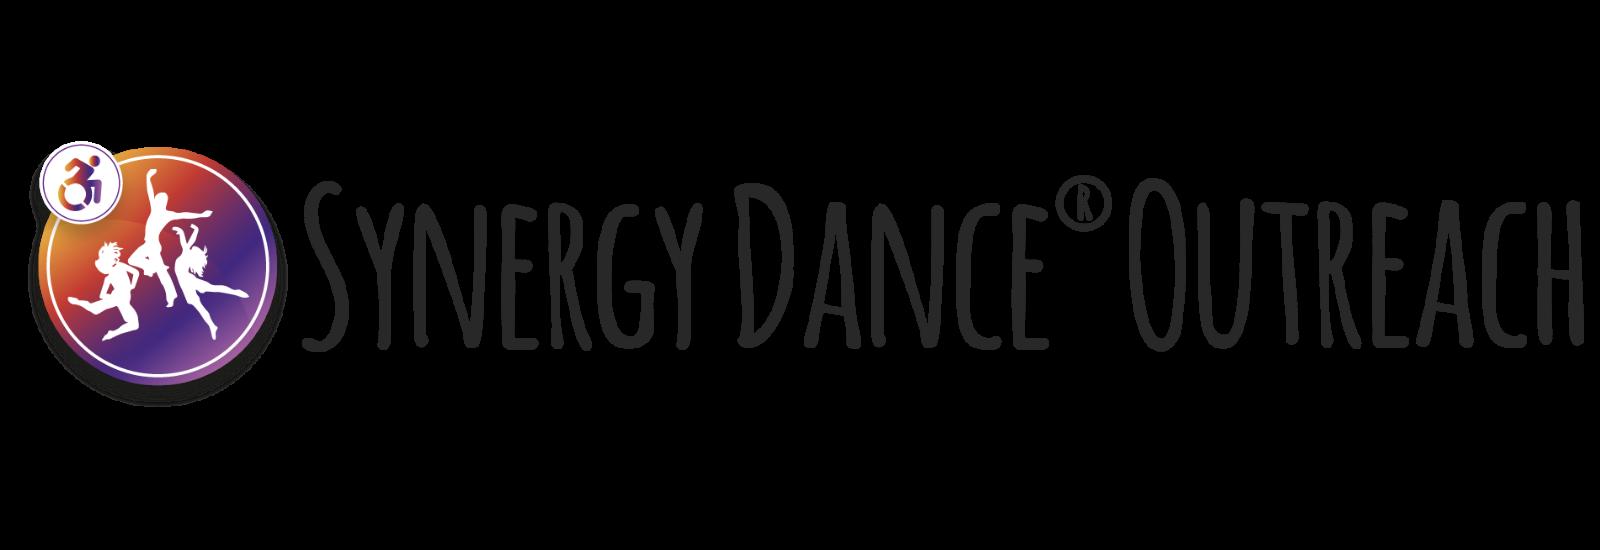 Synergy Dance Outreach logo.